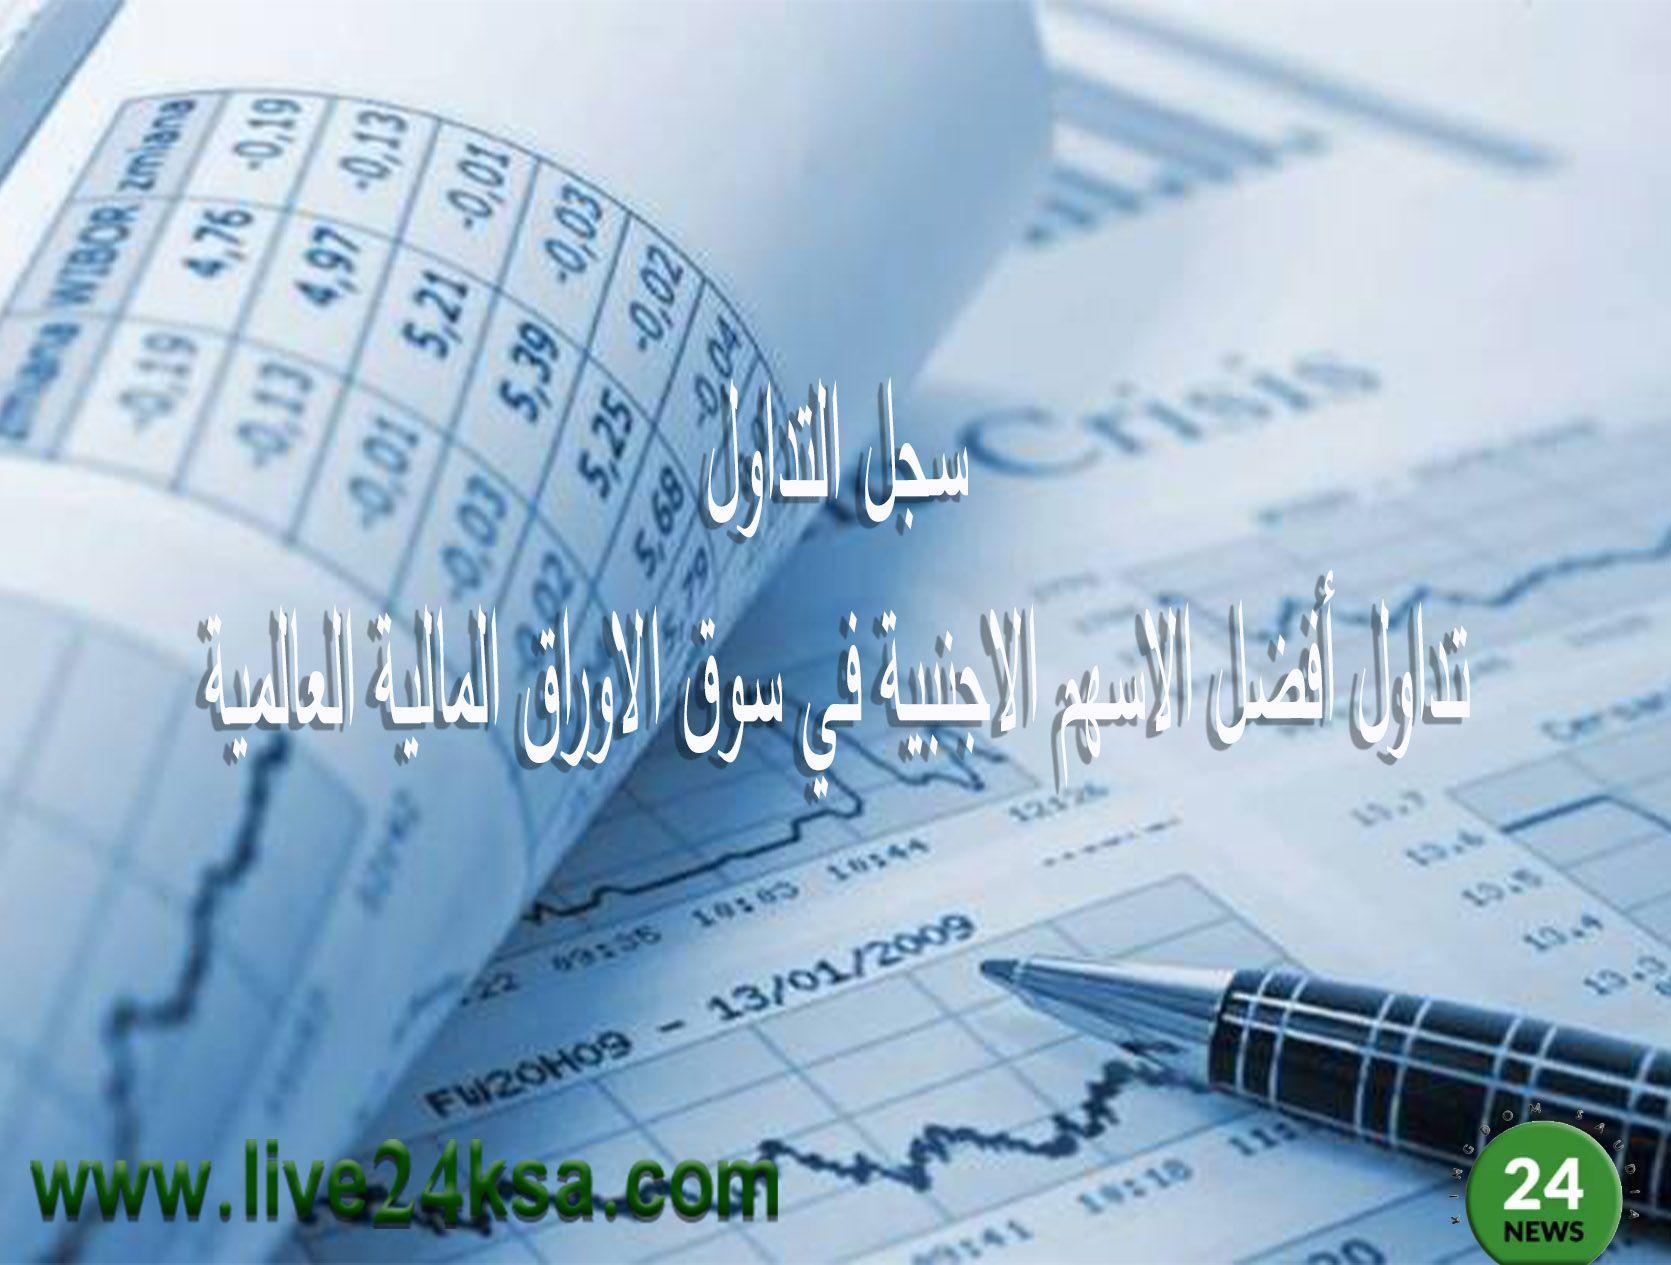 سجل التداول تداول أفضل الاسهم الاجنبية في سوق الاوراق المالية العالمية Trading